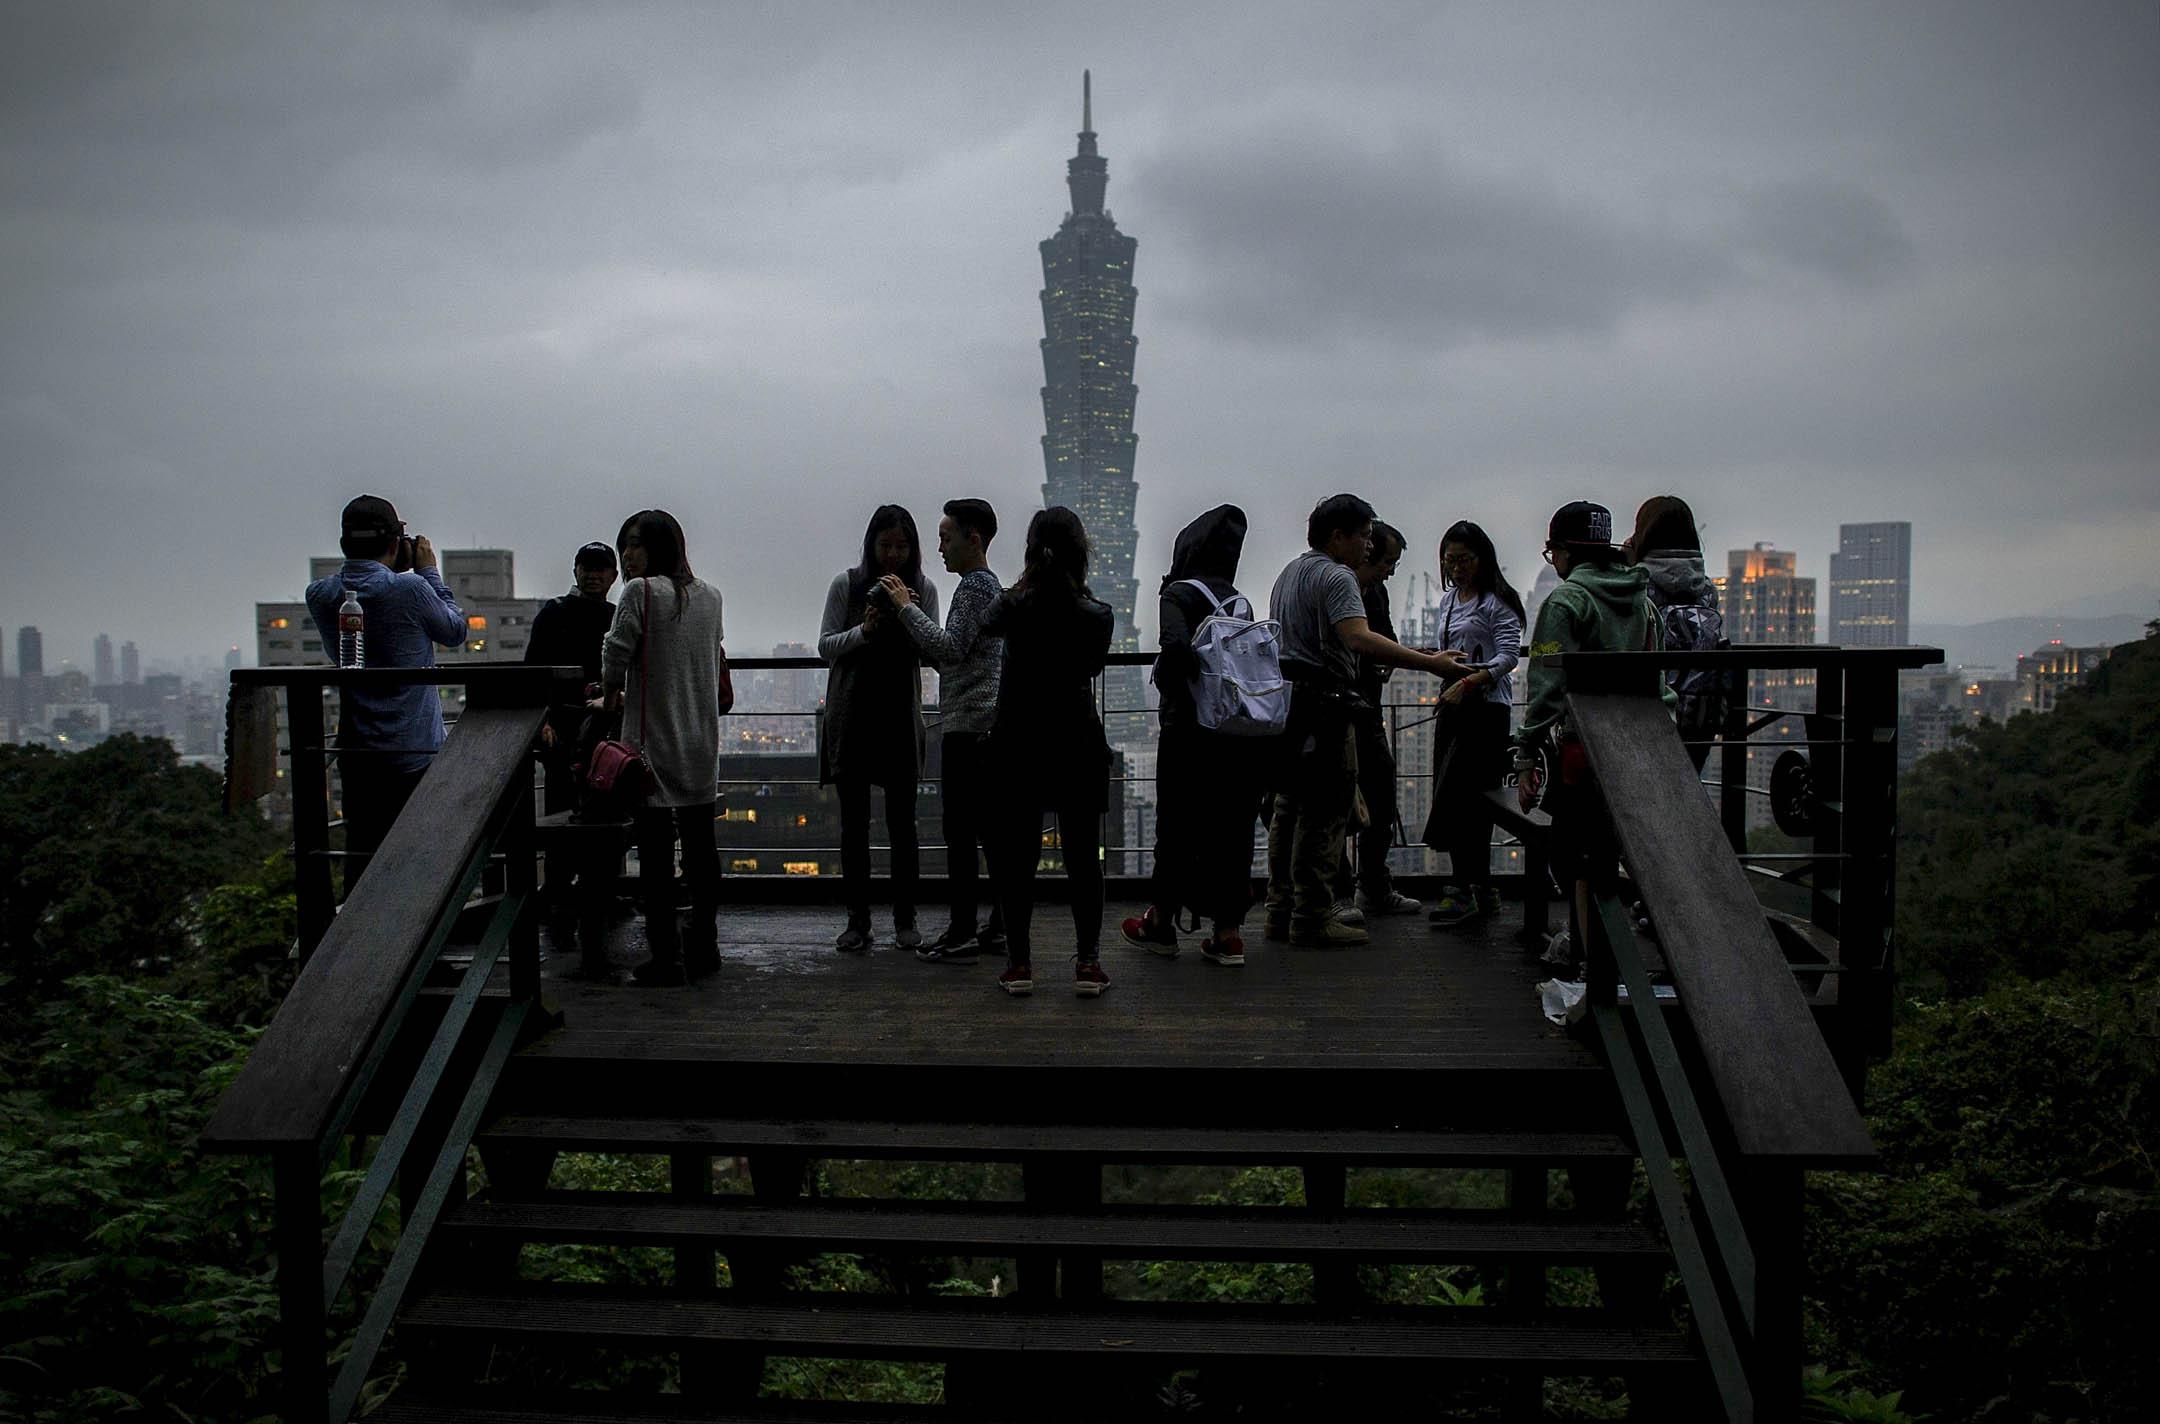 2016年蔡英文上任以來,每次踏上外交舞台,北京政府在國際上對台灣的打擊就成為眾所關注的議題。由於兩岸國力懸殊,全世界與中華民國有正式邦交的國家只剩下20個。這樣現實環境下,「外交」對台灣而言意味著什麼? 攝:Alexander Koerner/Getty Images